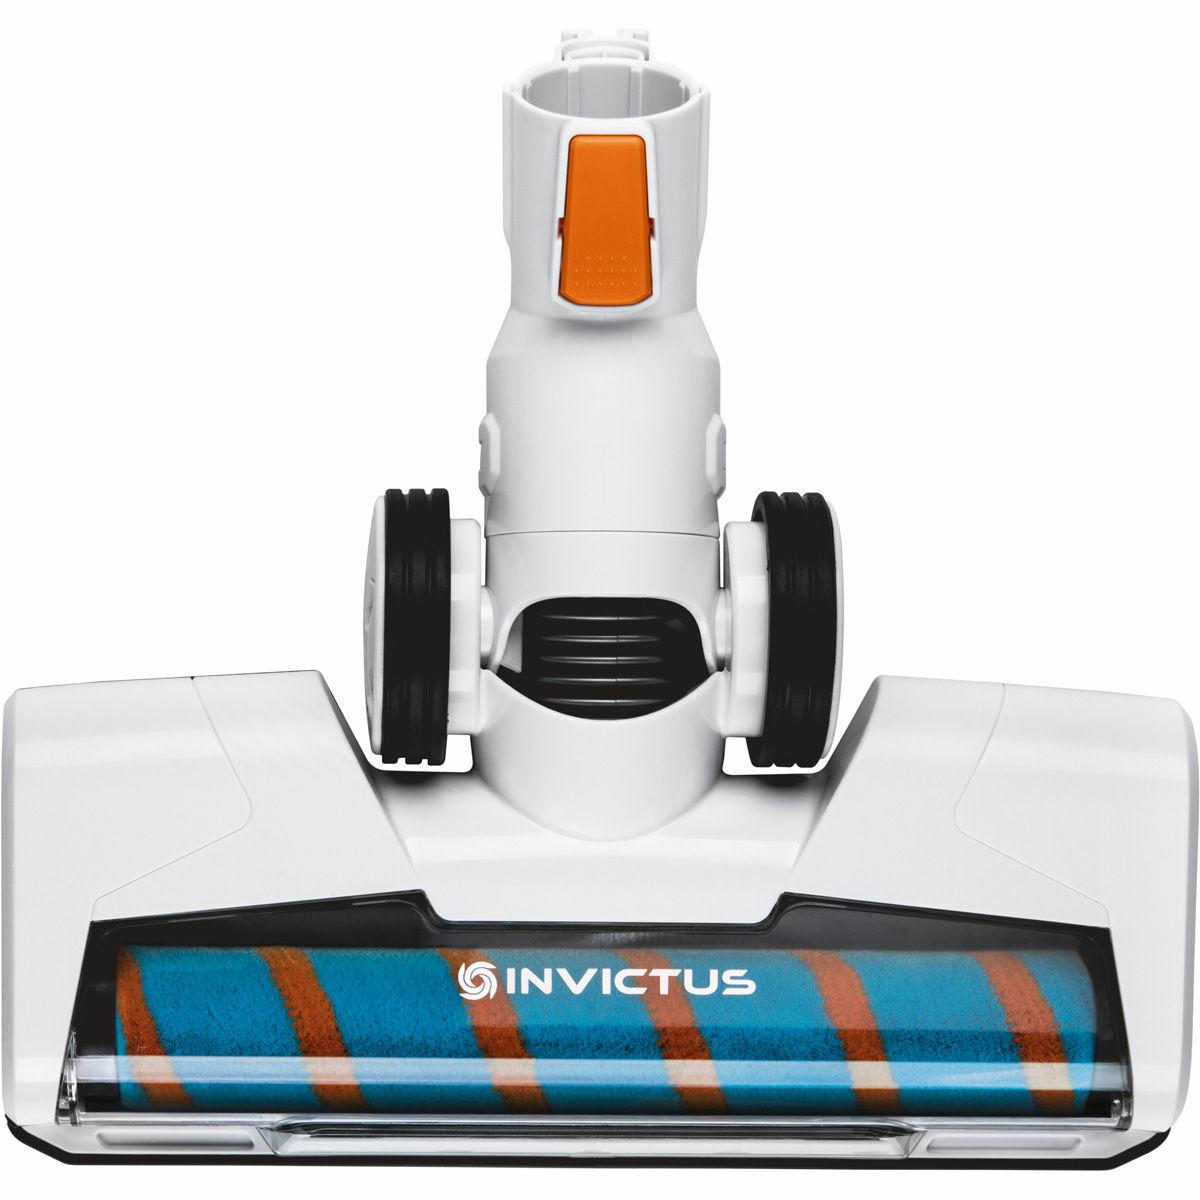 Bild 2 von Genius Invictus X7 Ultra-Soft-Bürste, 2tlg.